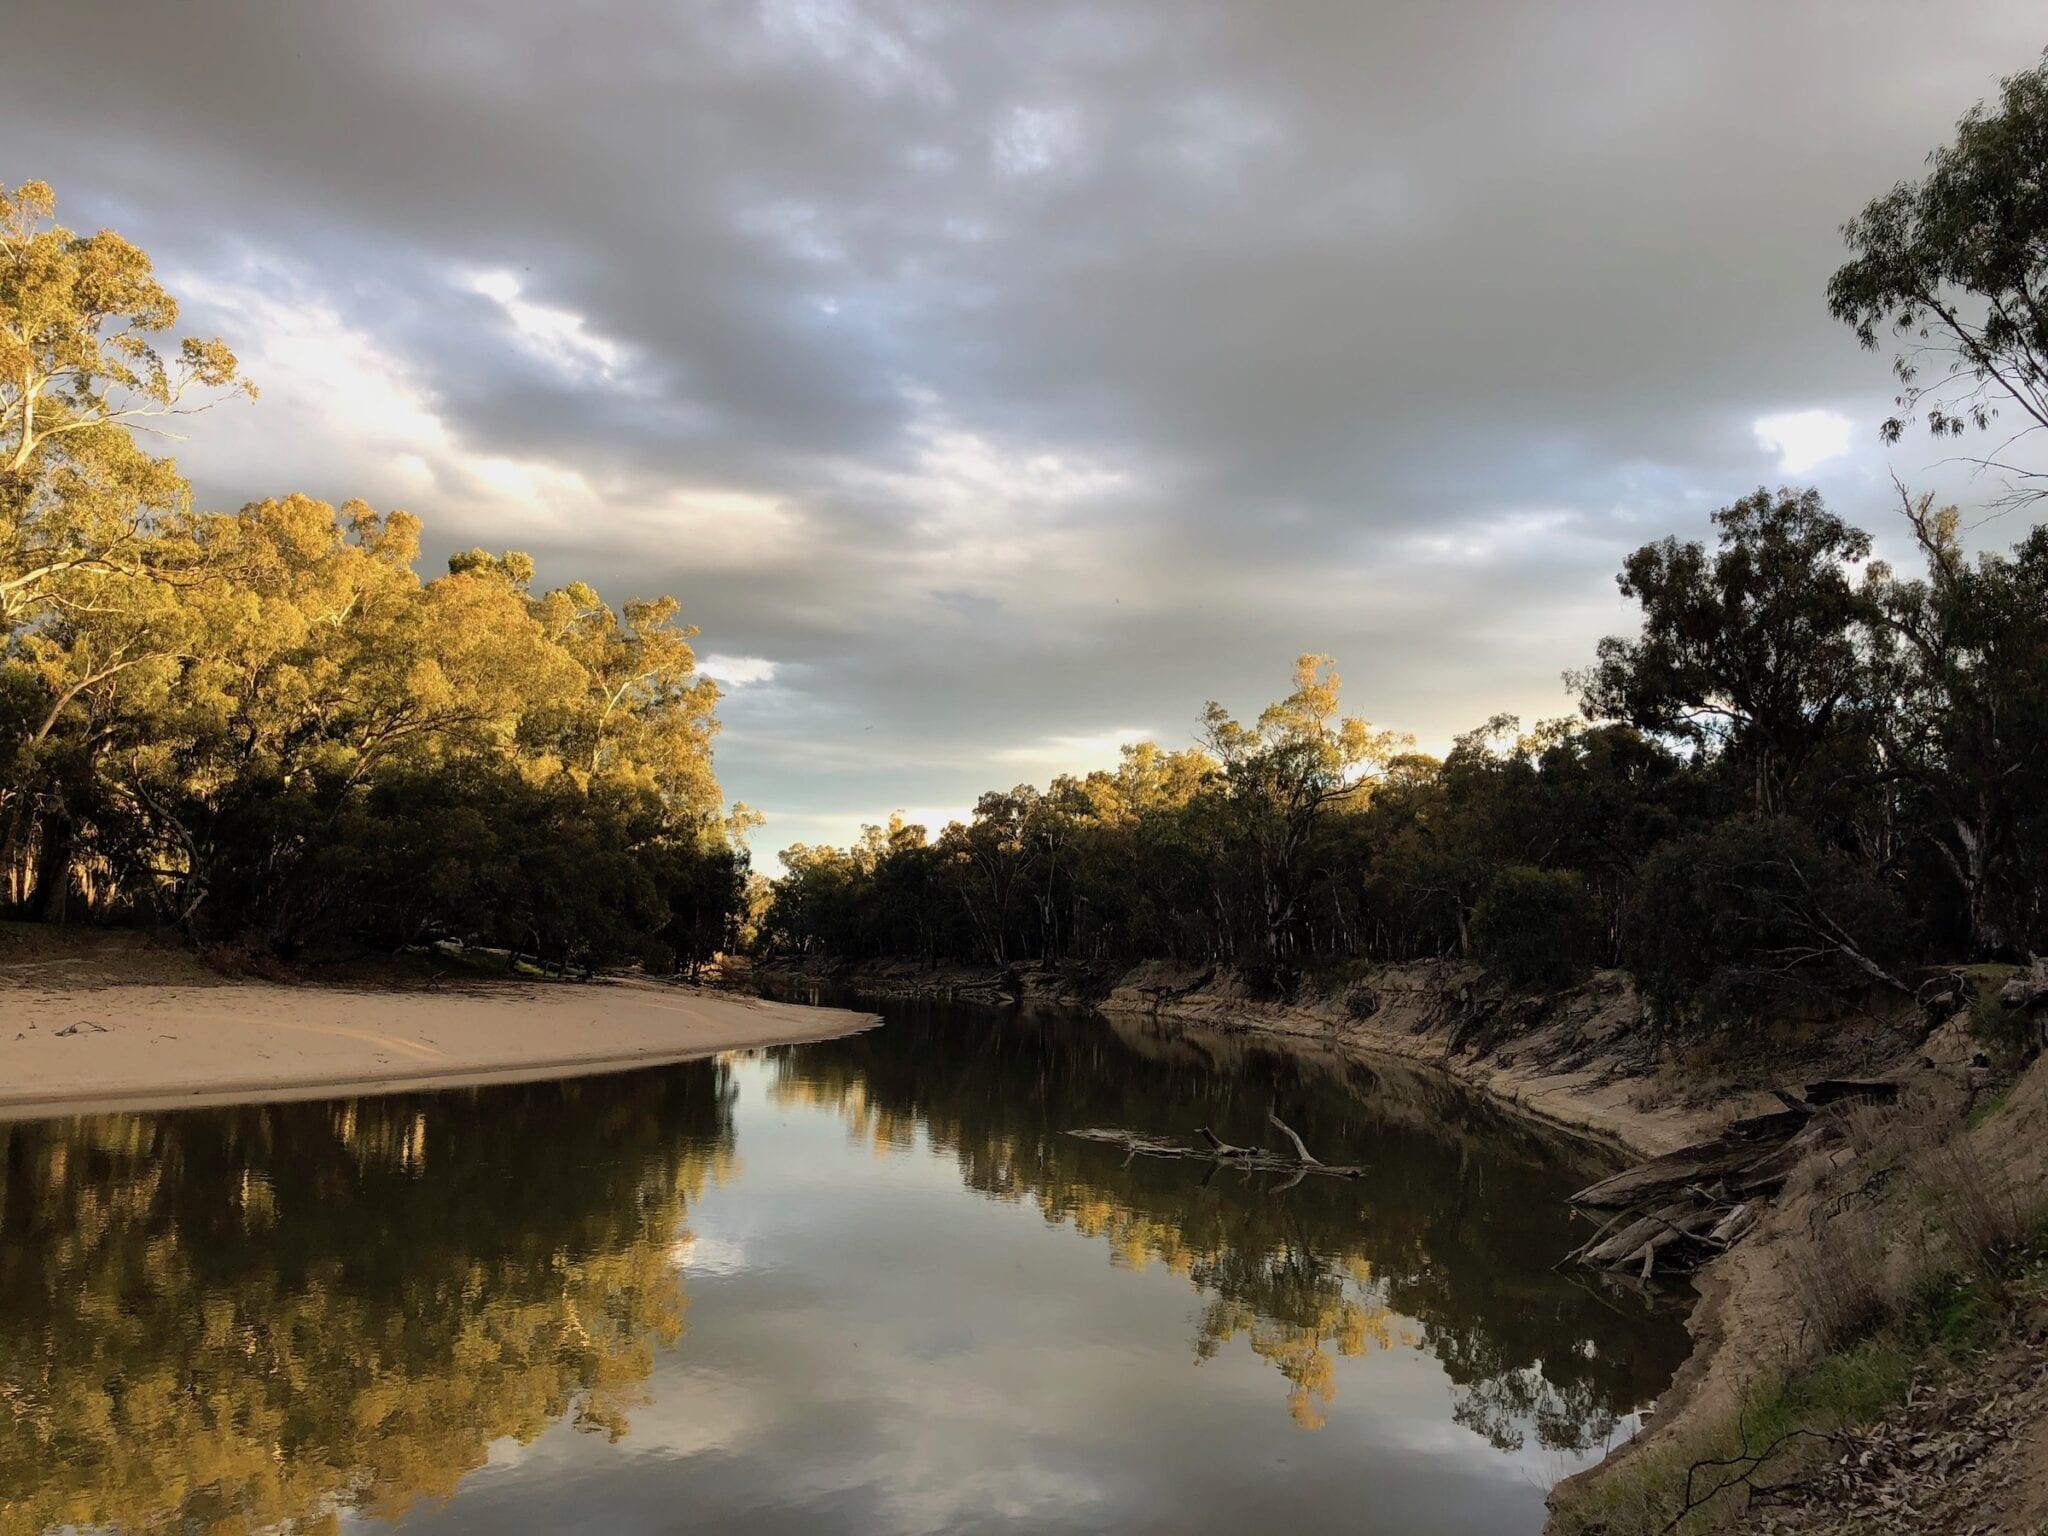 Camped on the Murrumbidgee River, Murrumbidgee Valley Regional Park.